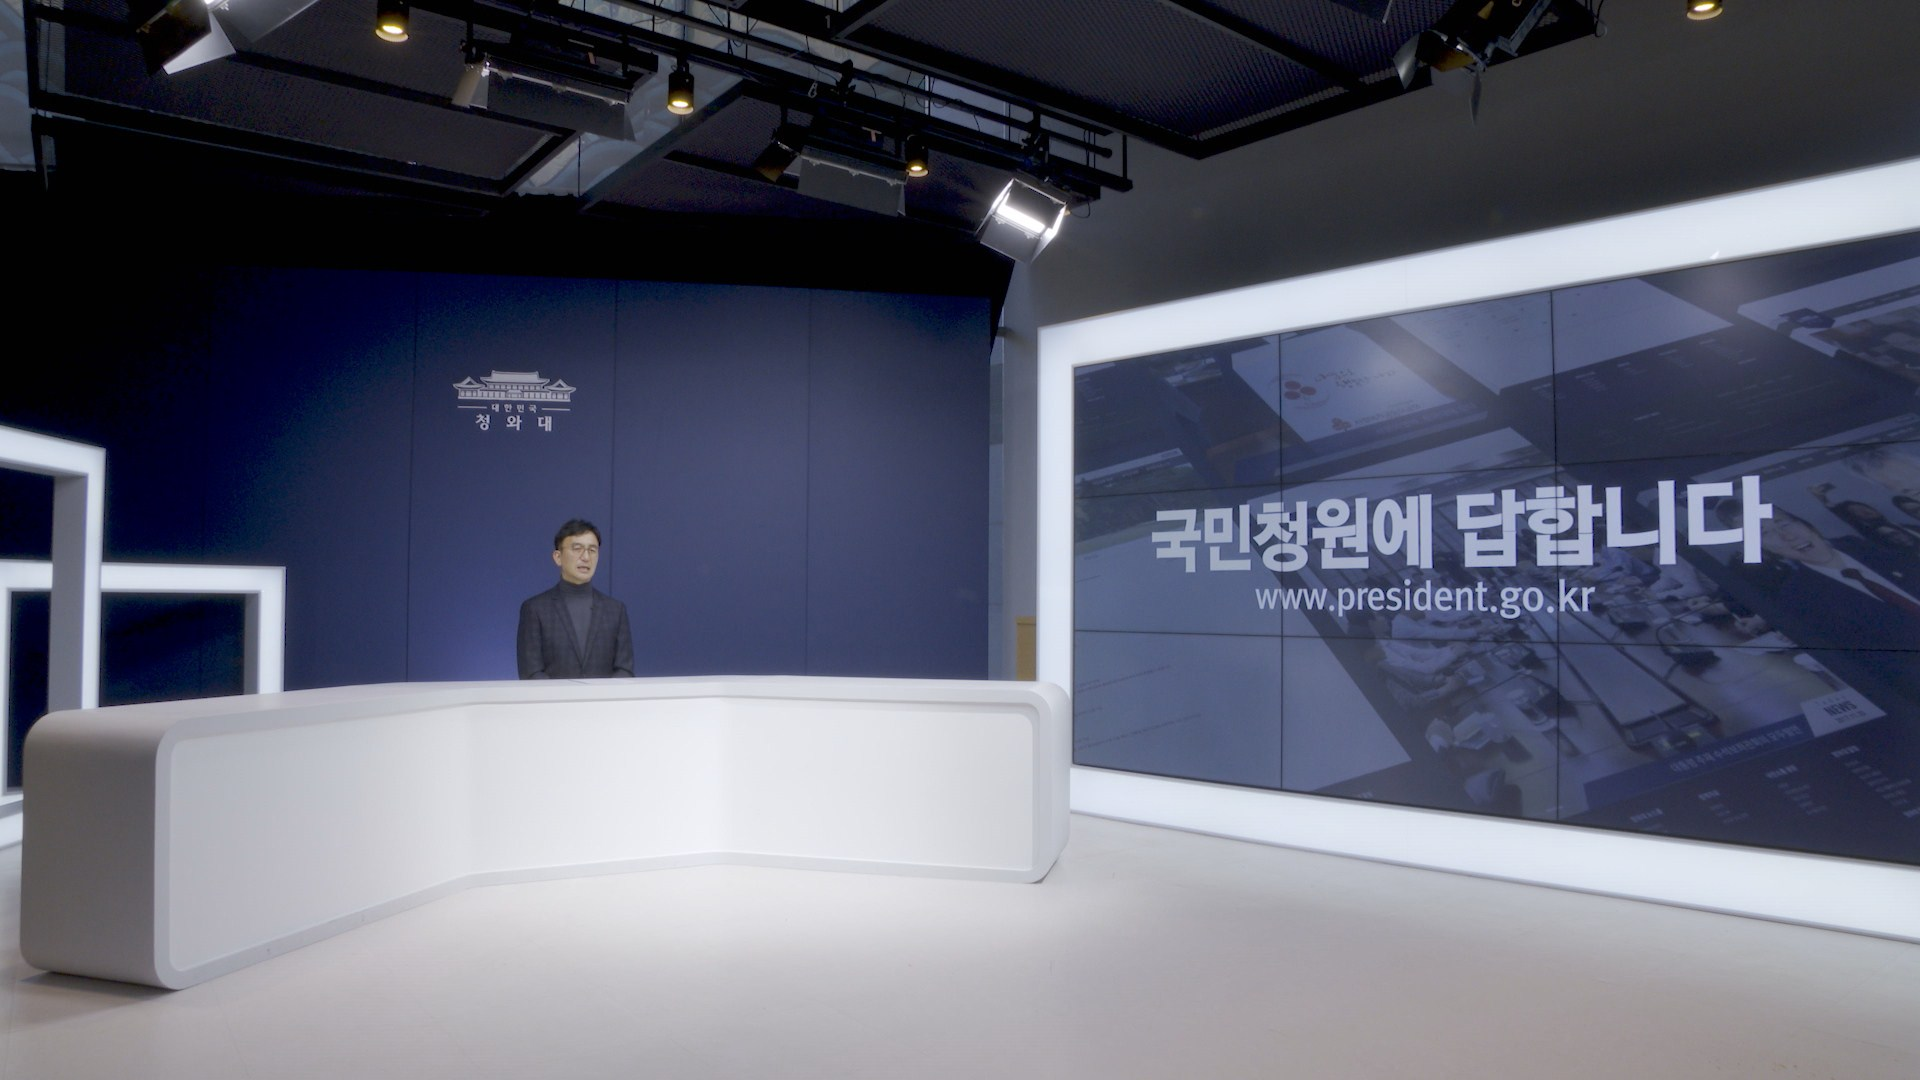 靑, 전기요금 내 KBS 수신료 분리 청원에 '불가'